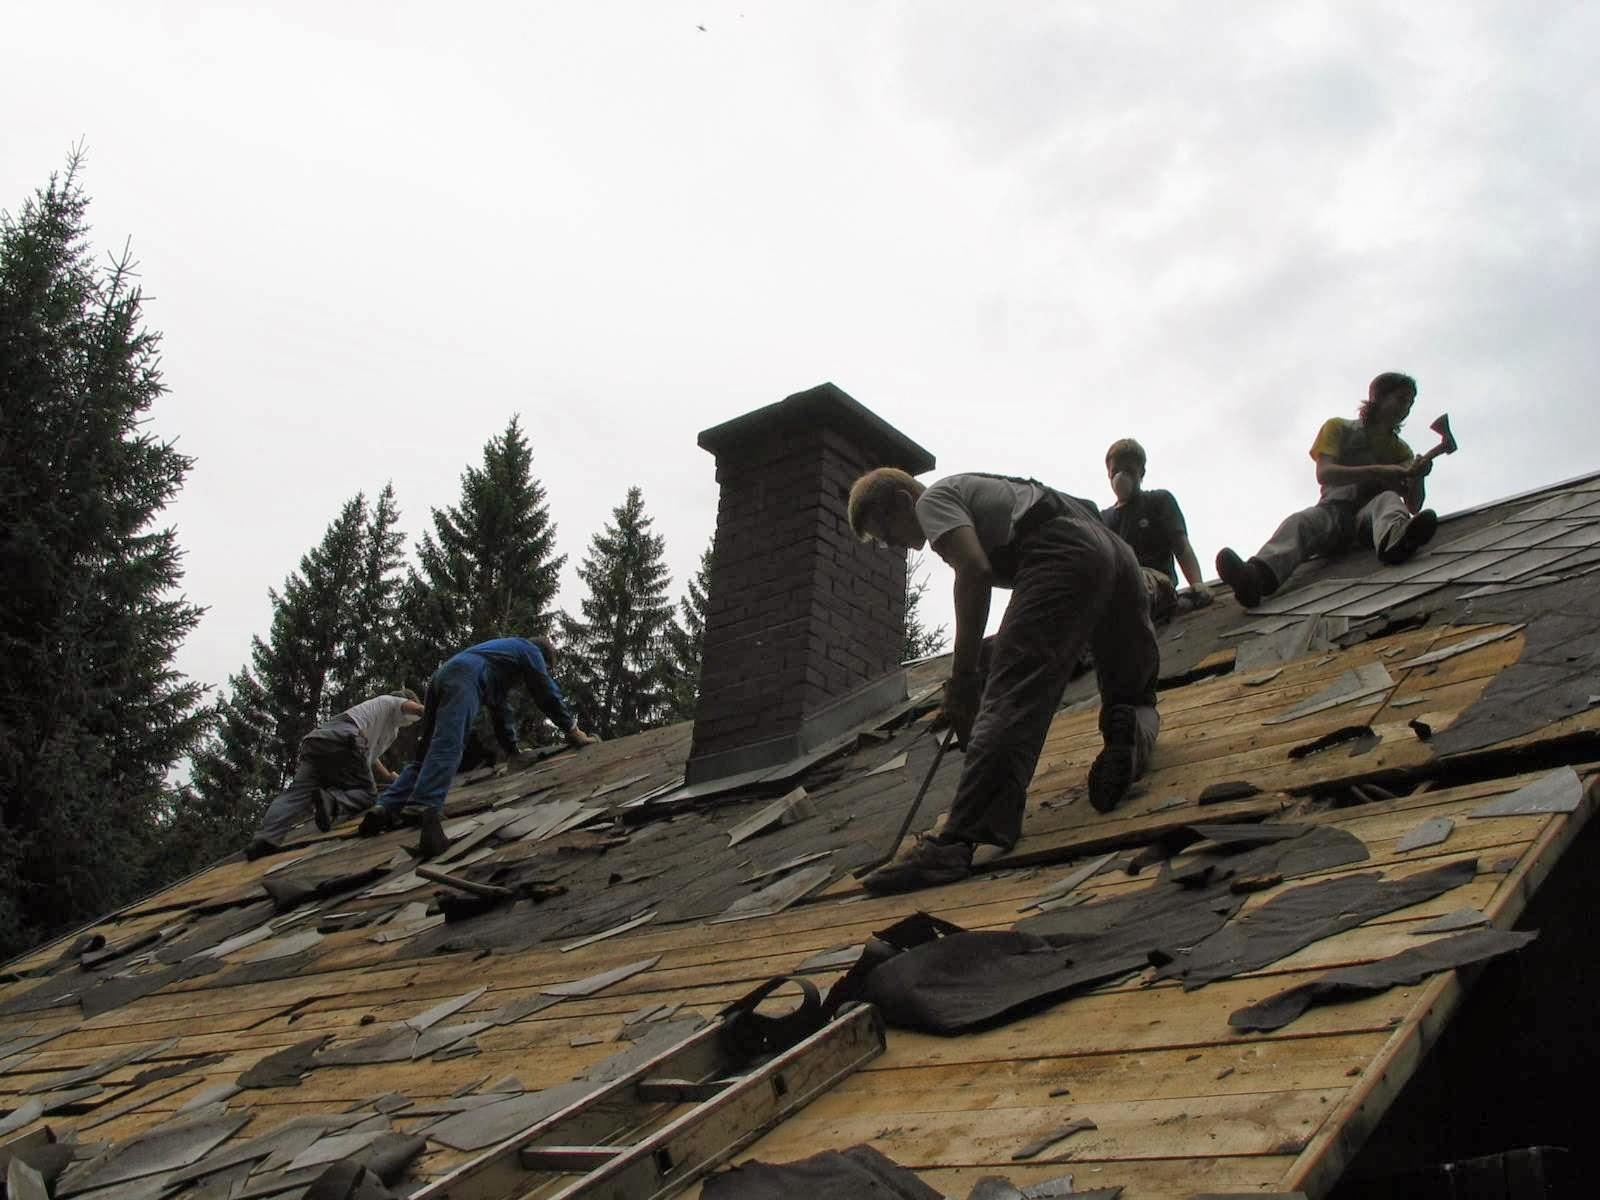 Delovna akcija - Streha, Črni dol 2006 - streha%2B066.jpg